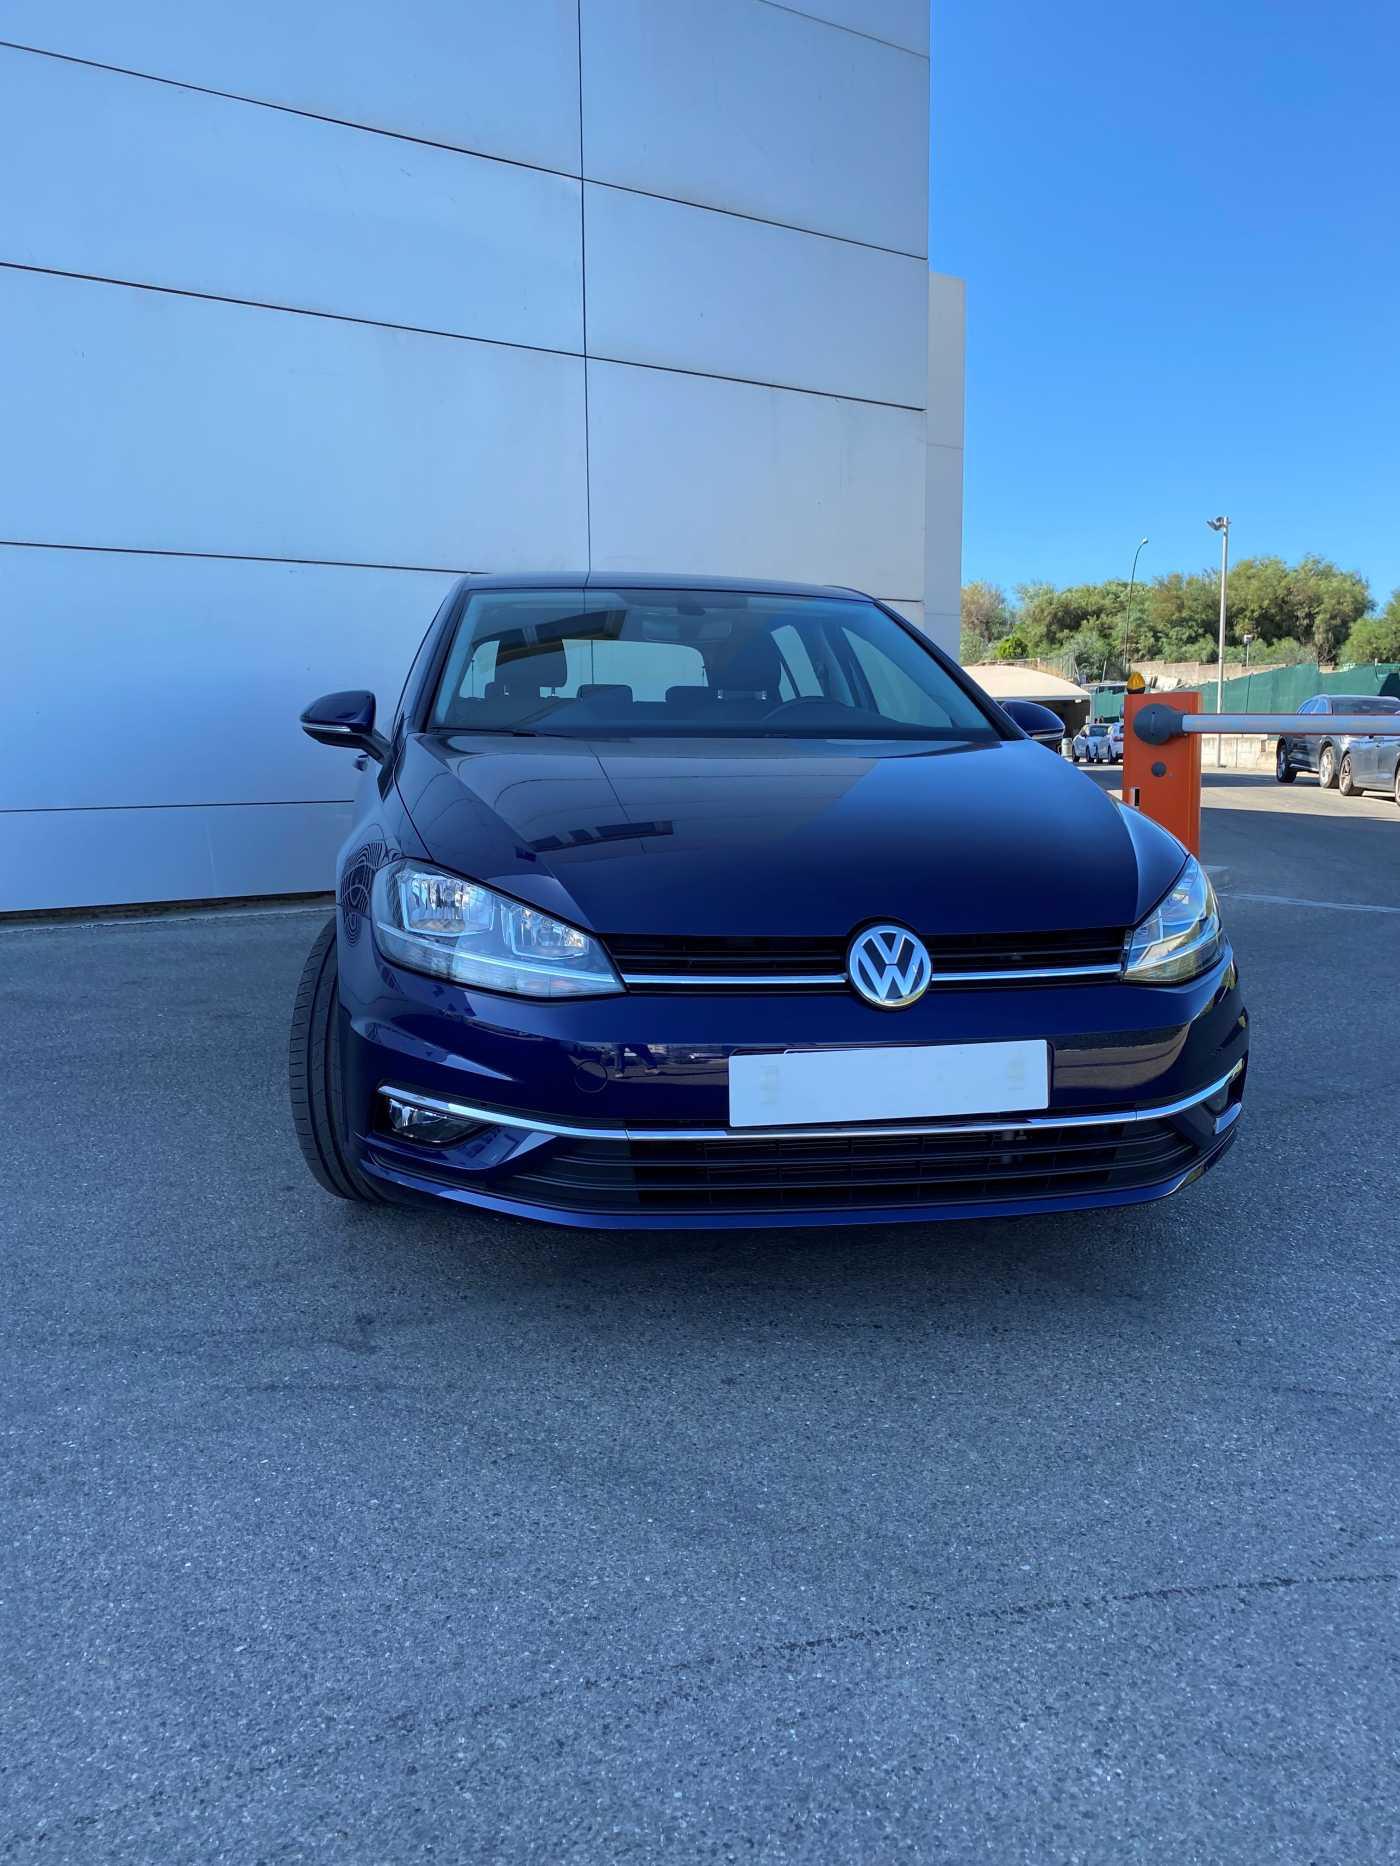 Volkswagen -  usata in Sardegna - Concessionaria ufficiale Audi Catte Auto Cagliari